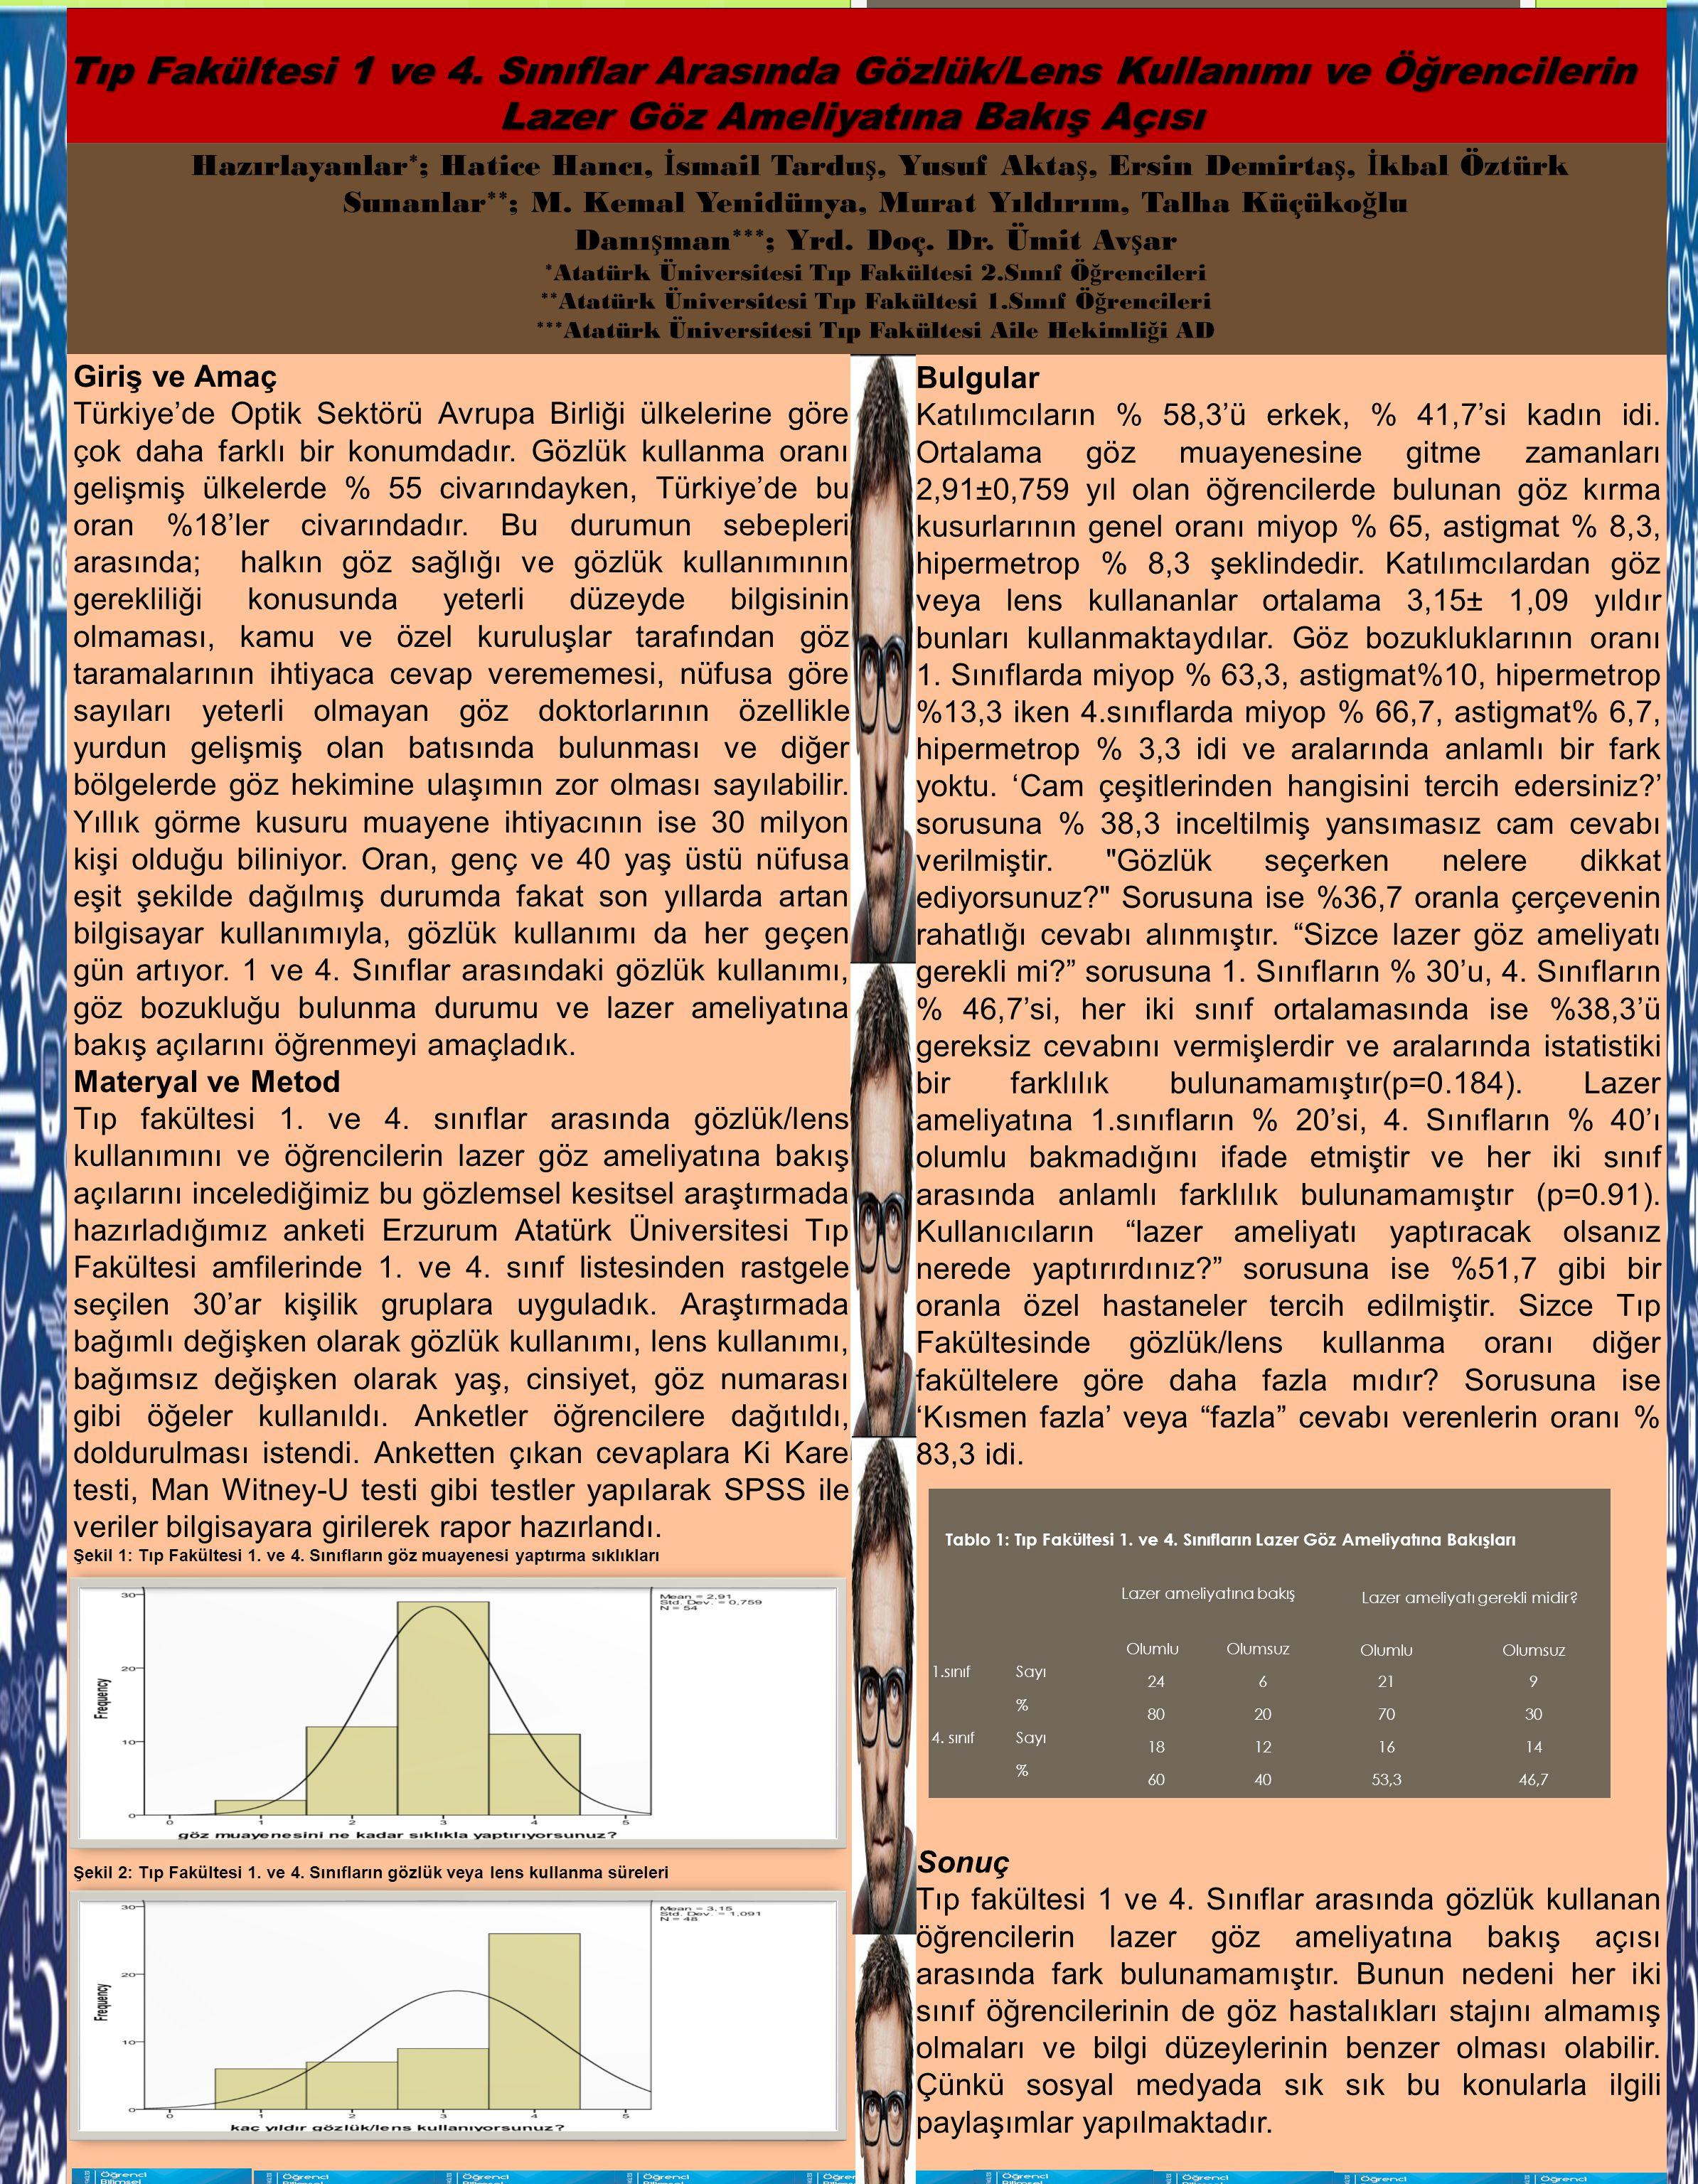 Tıp Fakültesi 1 ve 4. Sınıflar Arasında Gözlük/Lens Kullanımı ve Öğrencilerin Lazer Göz Ameliyatına Bakış Açısı